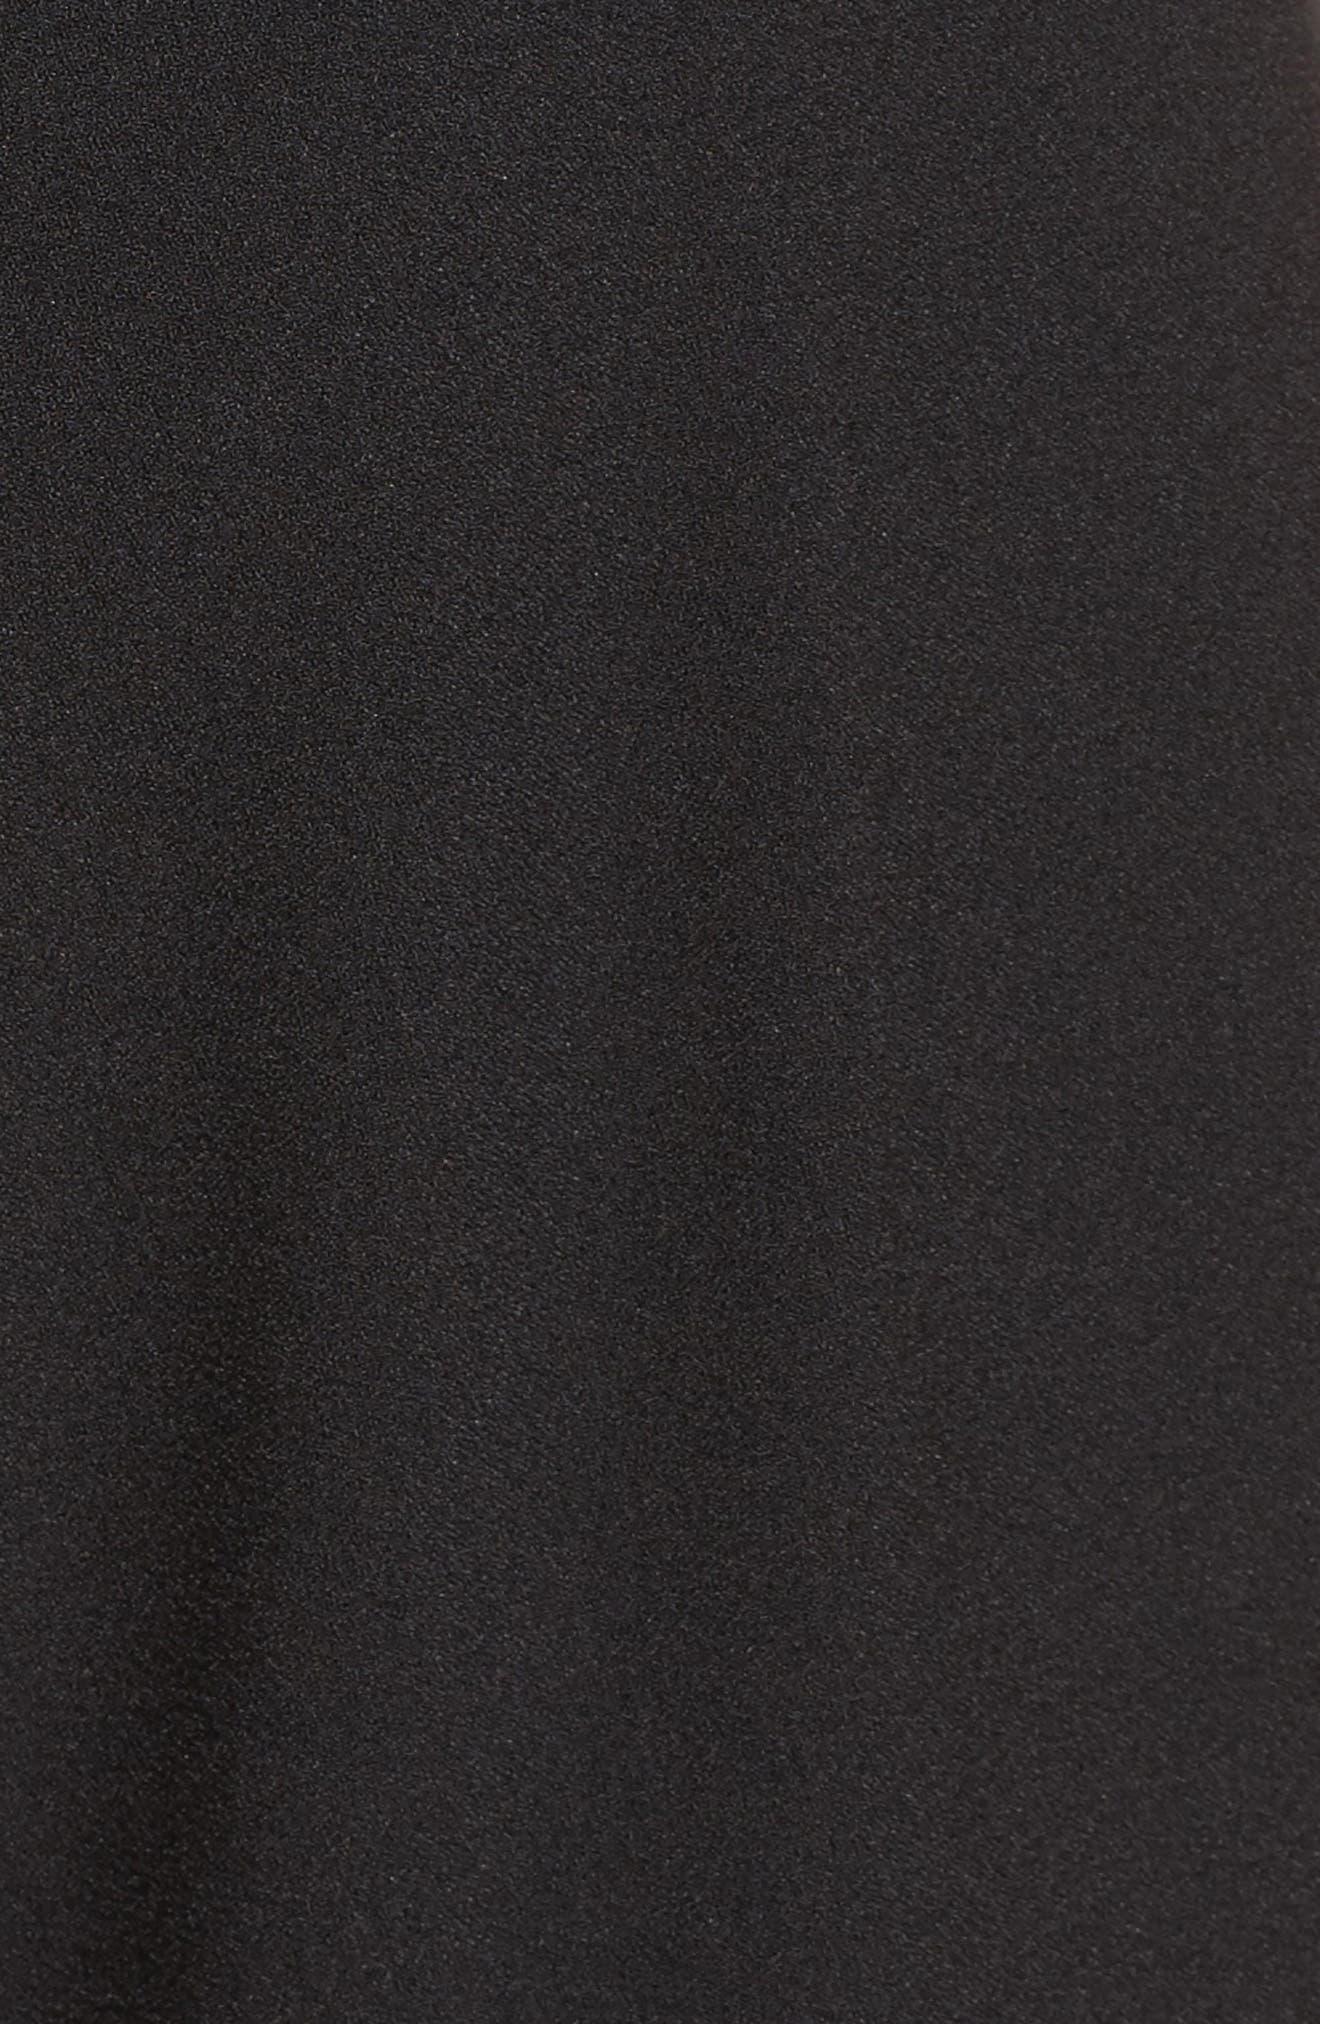 Chiffon & Crepe Jumpsuit,                             Alternate thumbnail 5, color,                             001